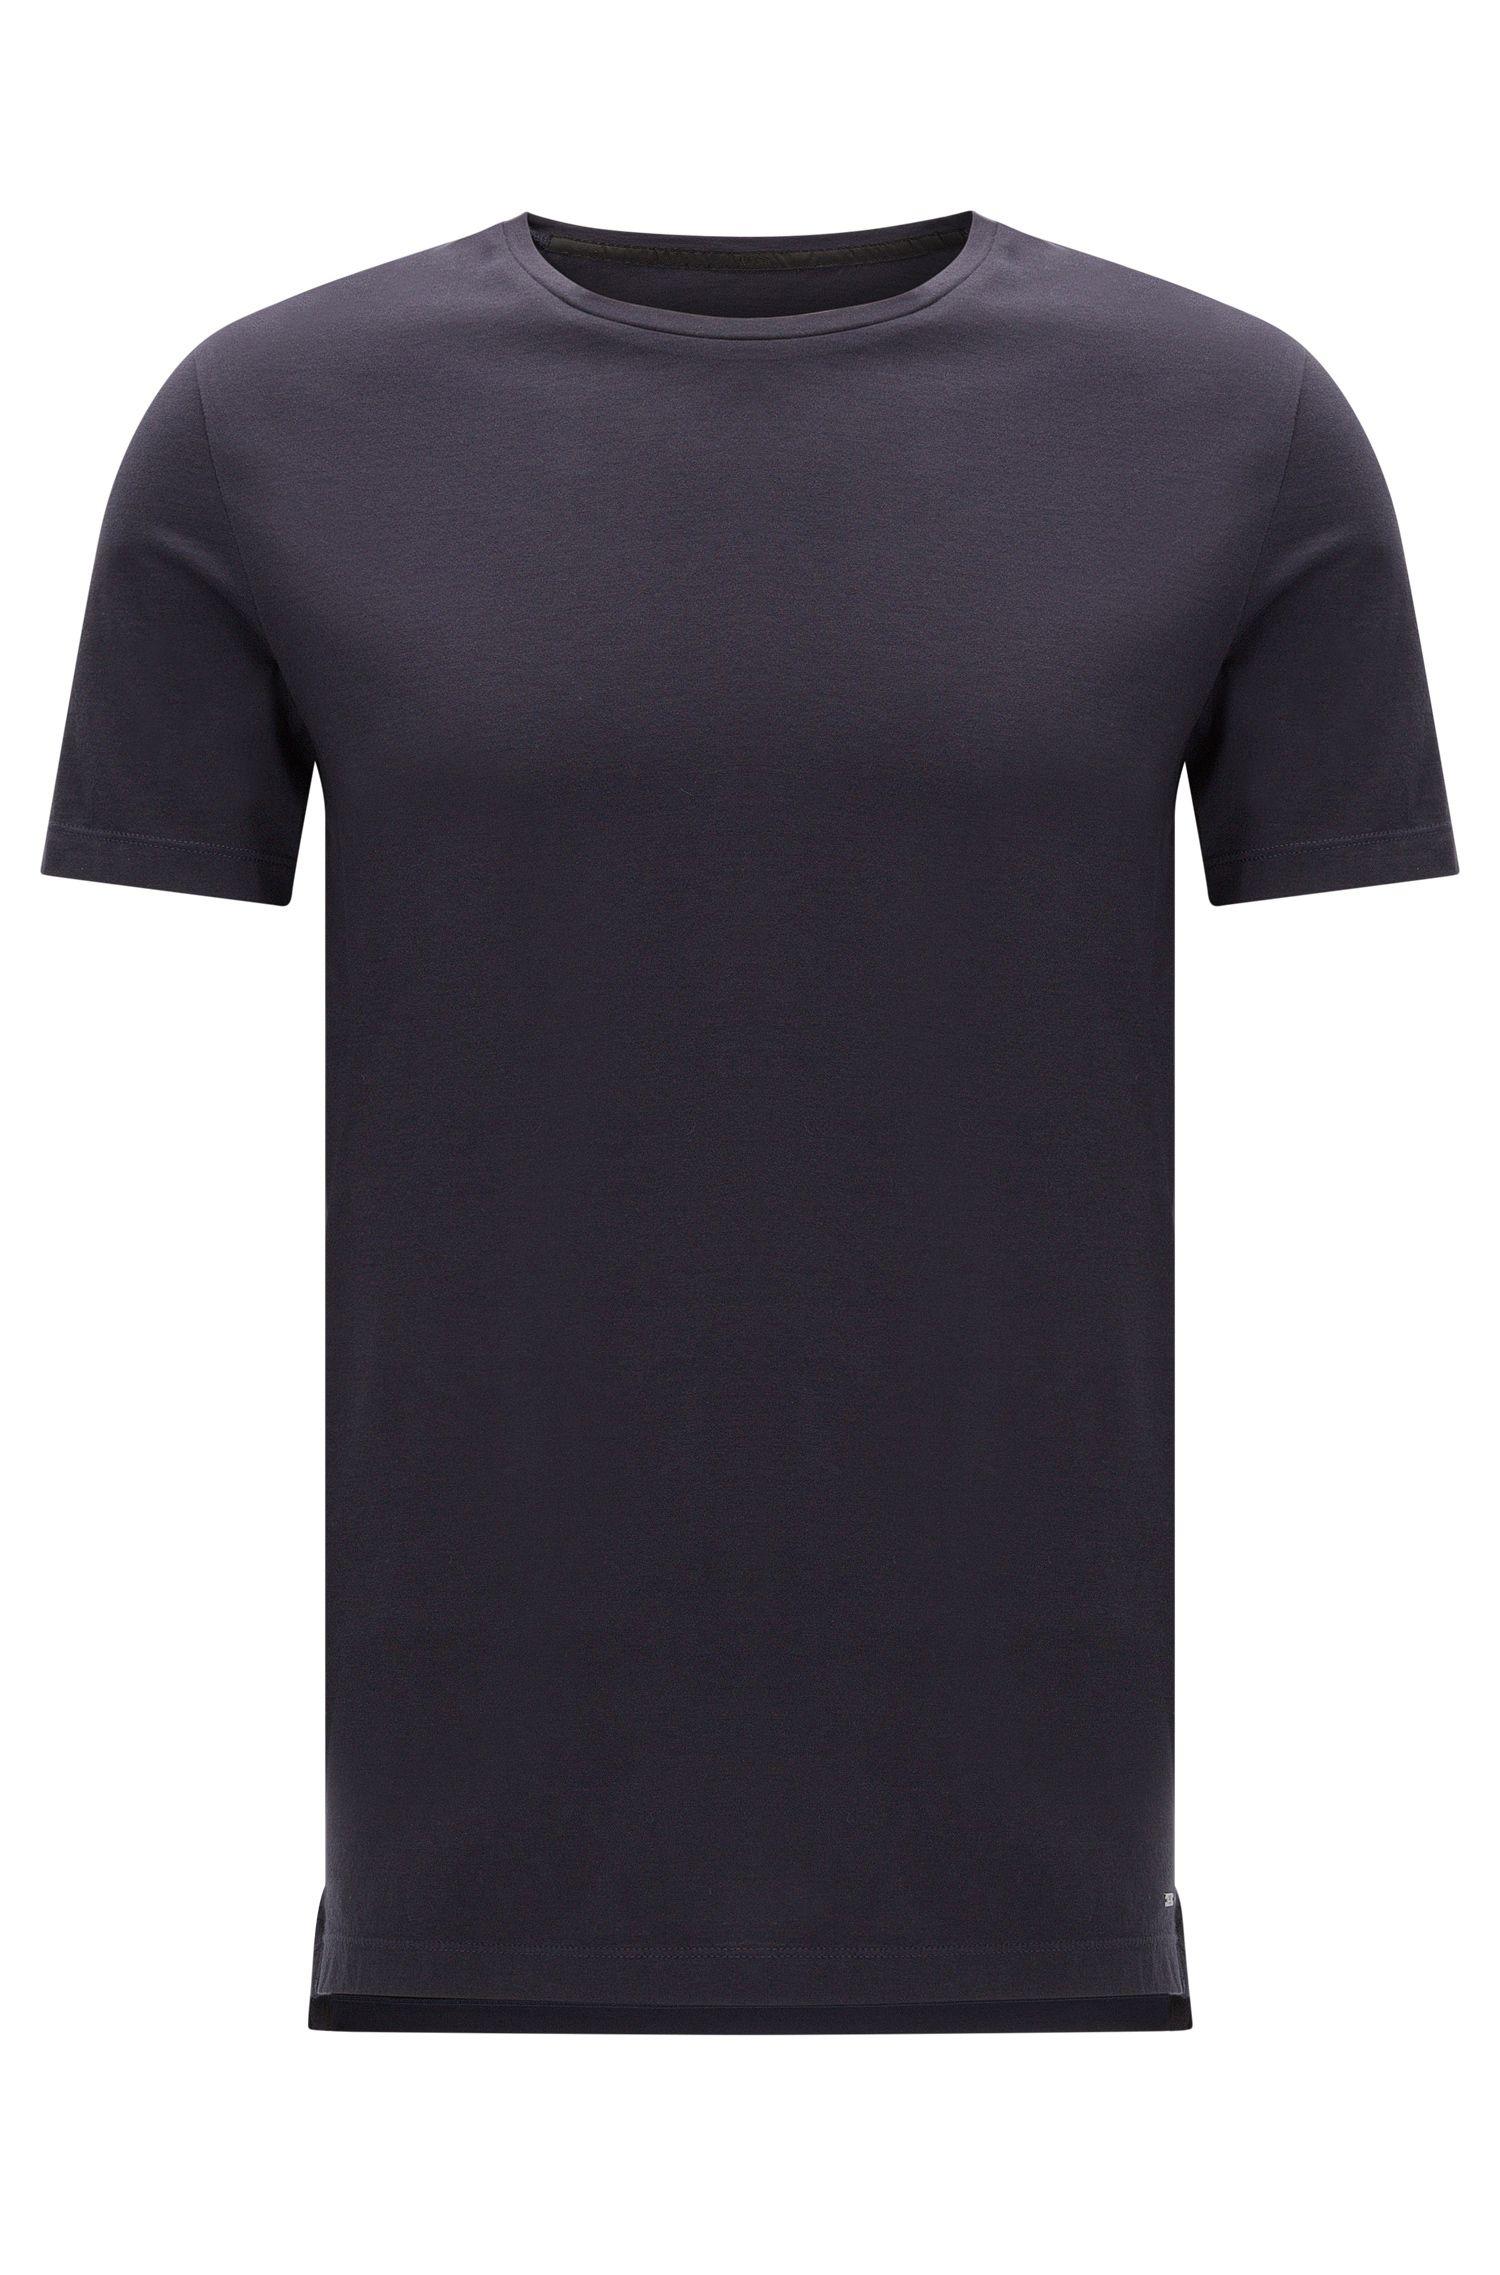 T-shirt slim fit in cotone in tinta unita: 'Tessler 51-WS'